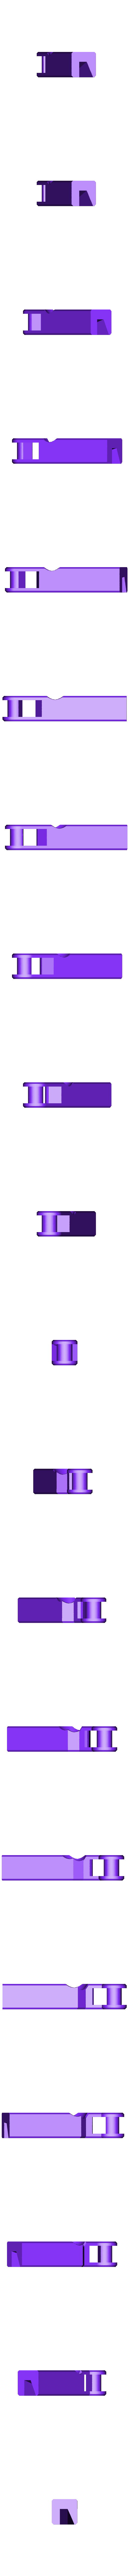 joystick_shaft.stl Télécharger fichier STL gratuit Joystick PS4 • Design à imprimer en 3D, Osichan